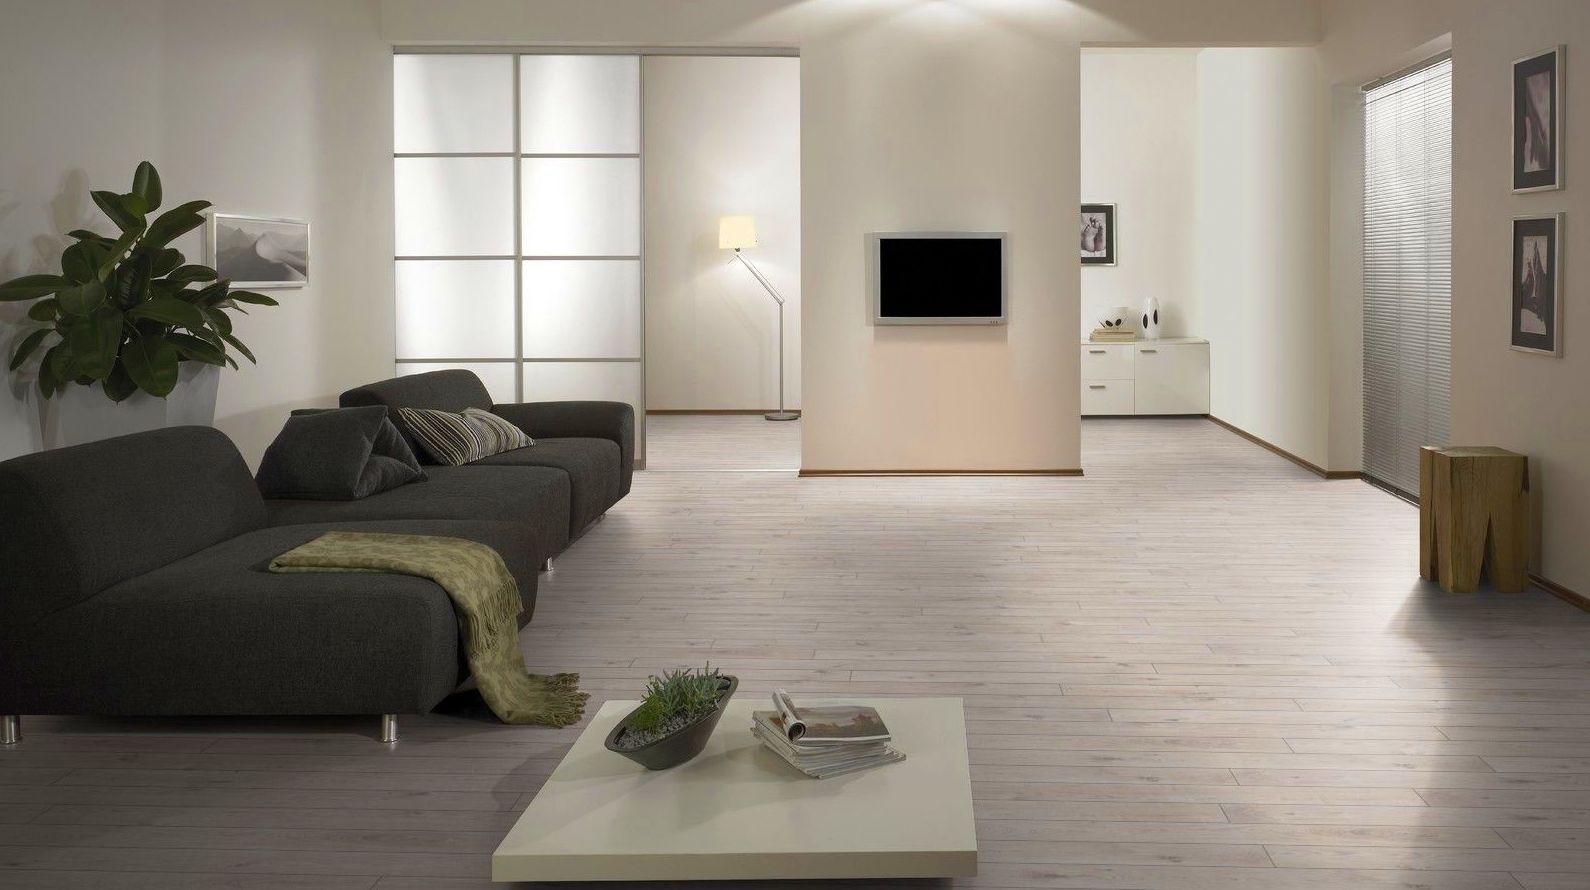 Parqué - Suelo Laminado. Serie M: Productos de Exposición y Tienda de Cerámica, Sanitarios, Baño, y Revestimientos para interiores